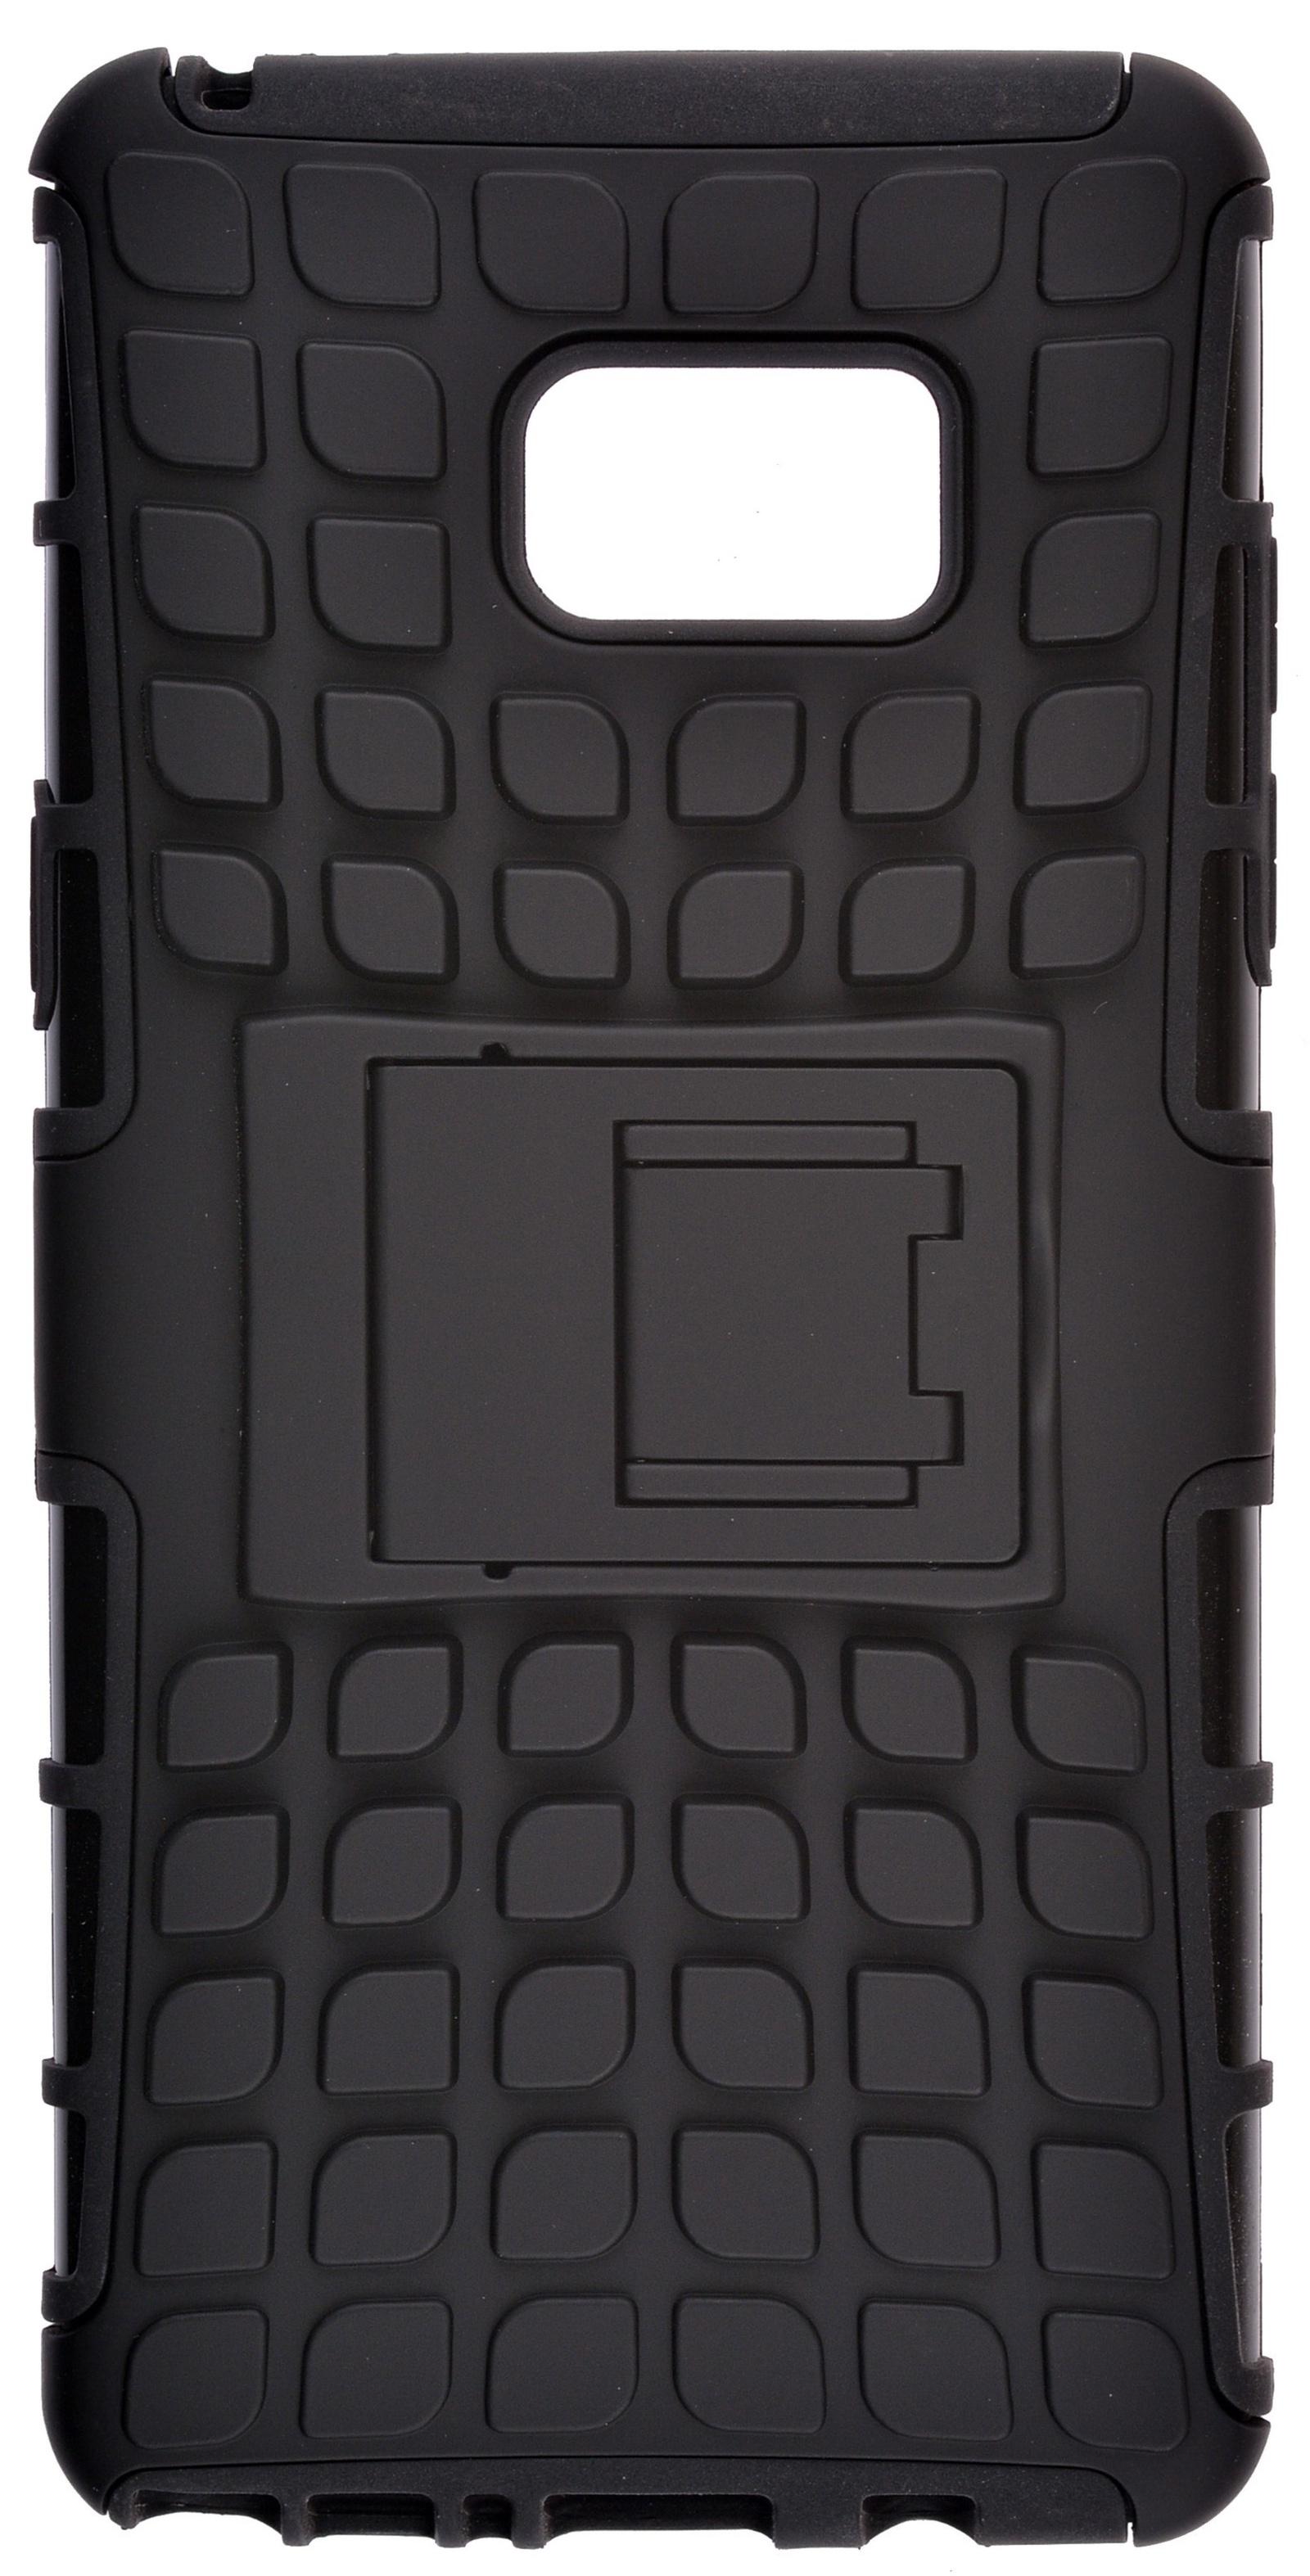 Чехол для сотового телефона skinBOX Defender, 4630042523951, черный набор титульных листов для портфолио дошкольника 8 листов фгос